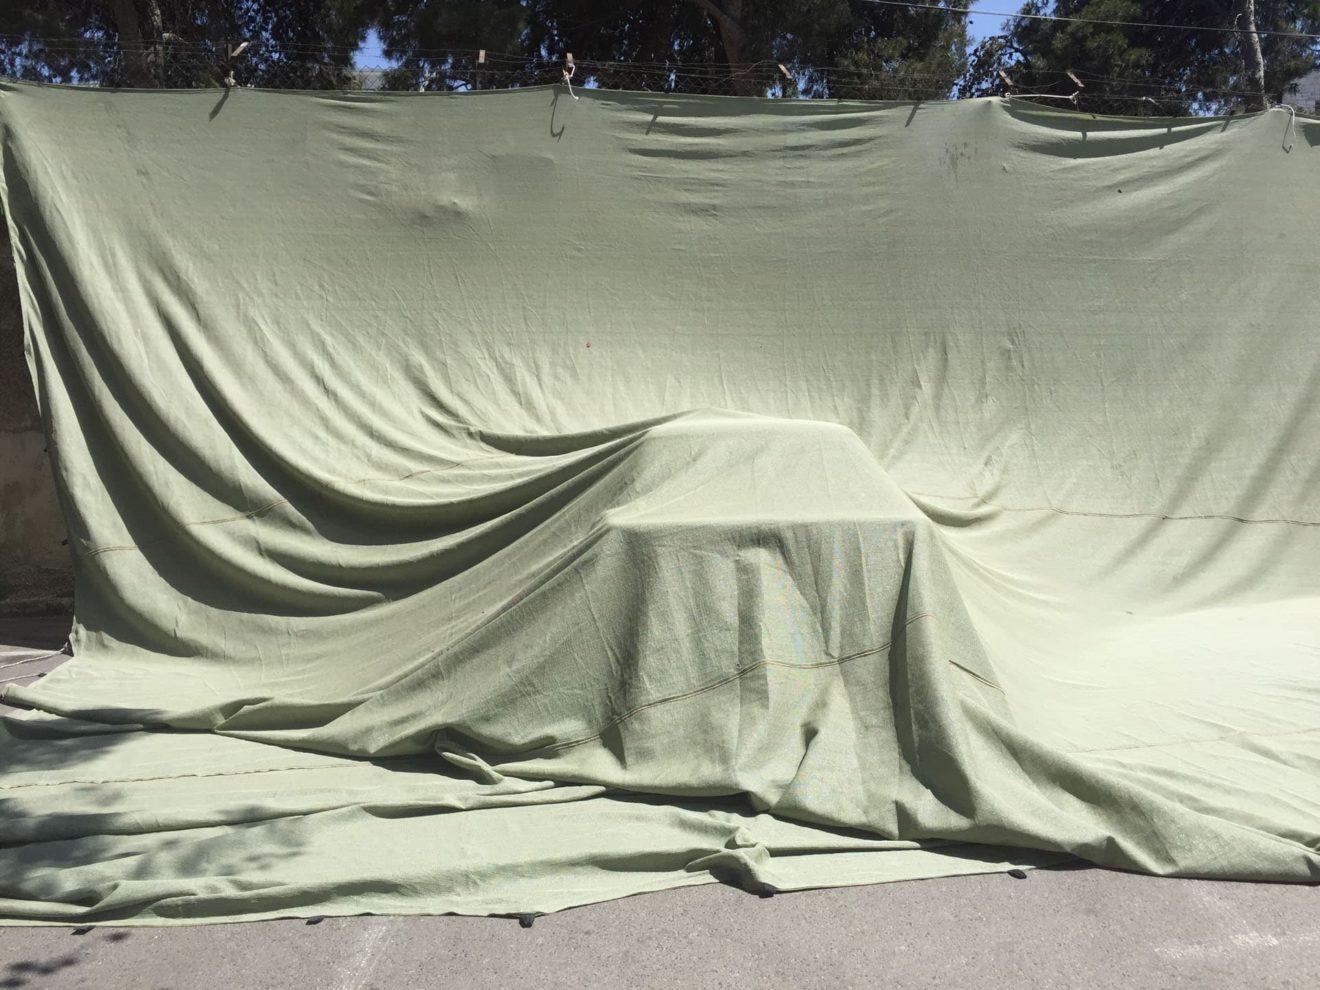 een scherm van doek dat een naar voren geschoven voorwerp bedekt